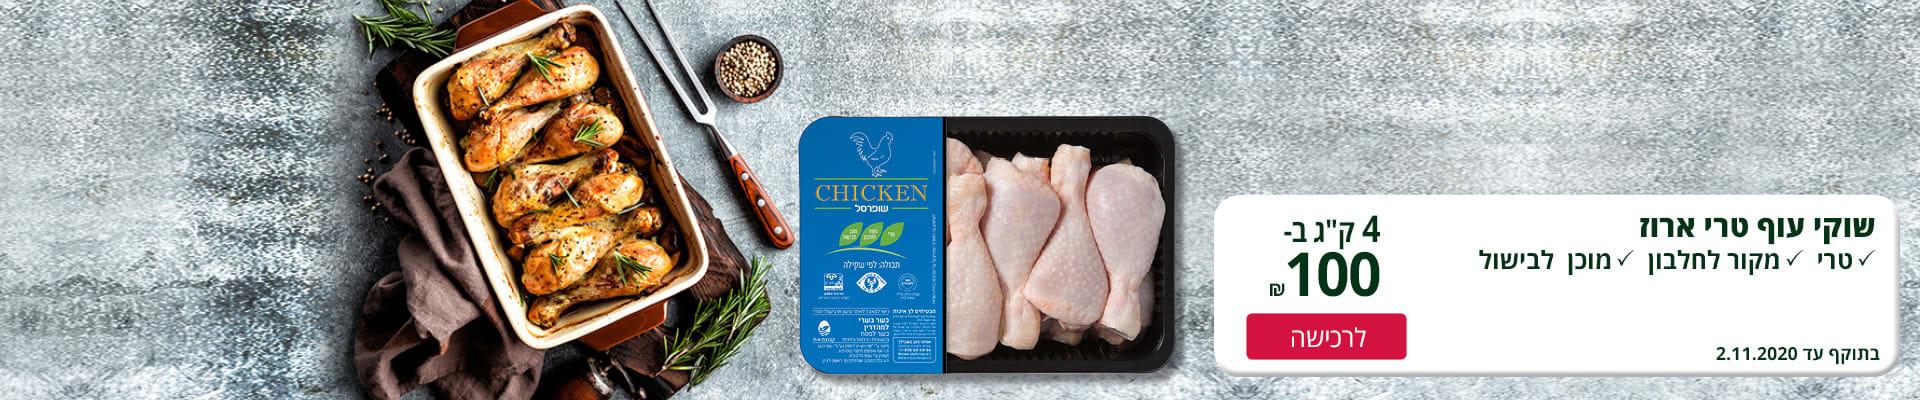 """שוקי עוף טרי ארוז מקור לחלבון ומוכן לבישול 4 ק""""ג ב-100 ₪. בתוקף עד 2.11.2020"""